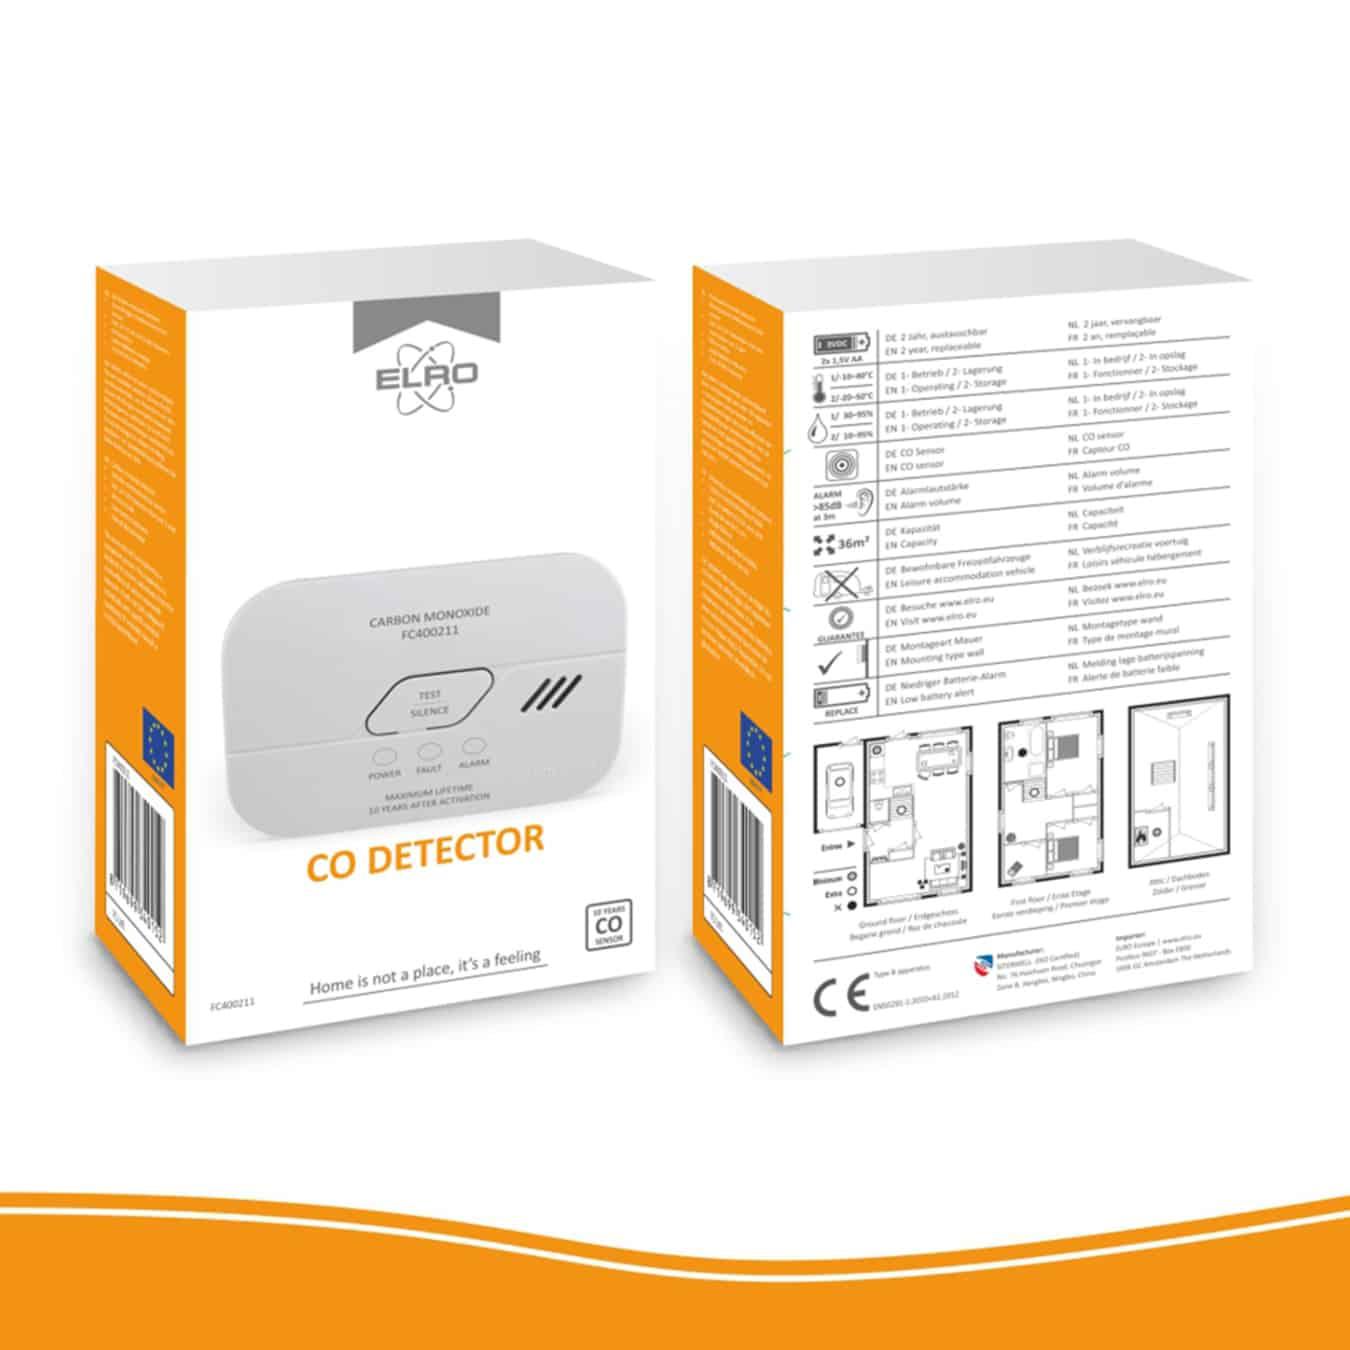 Koop ELRO FC400211 Koolmonoxidemelder